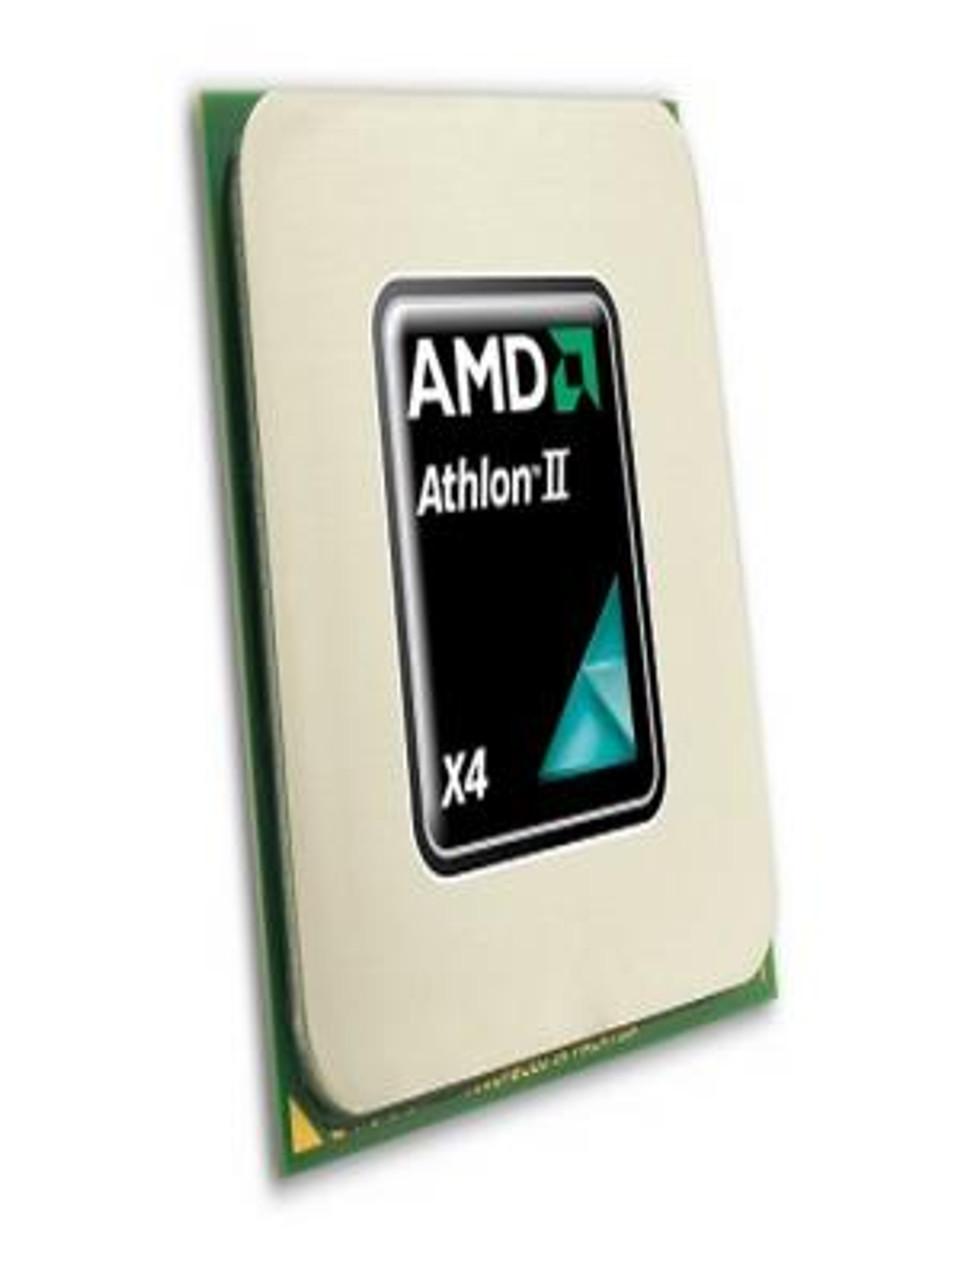 Adx635wfk42gm Amd Athlon Ii X4 635 2 9ghz Desktop Cpu